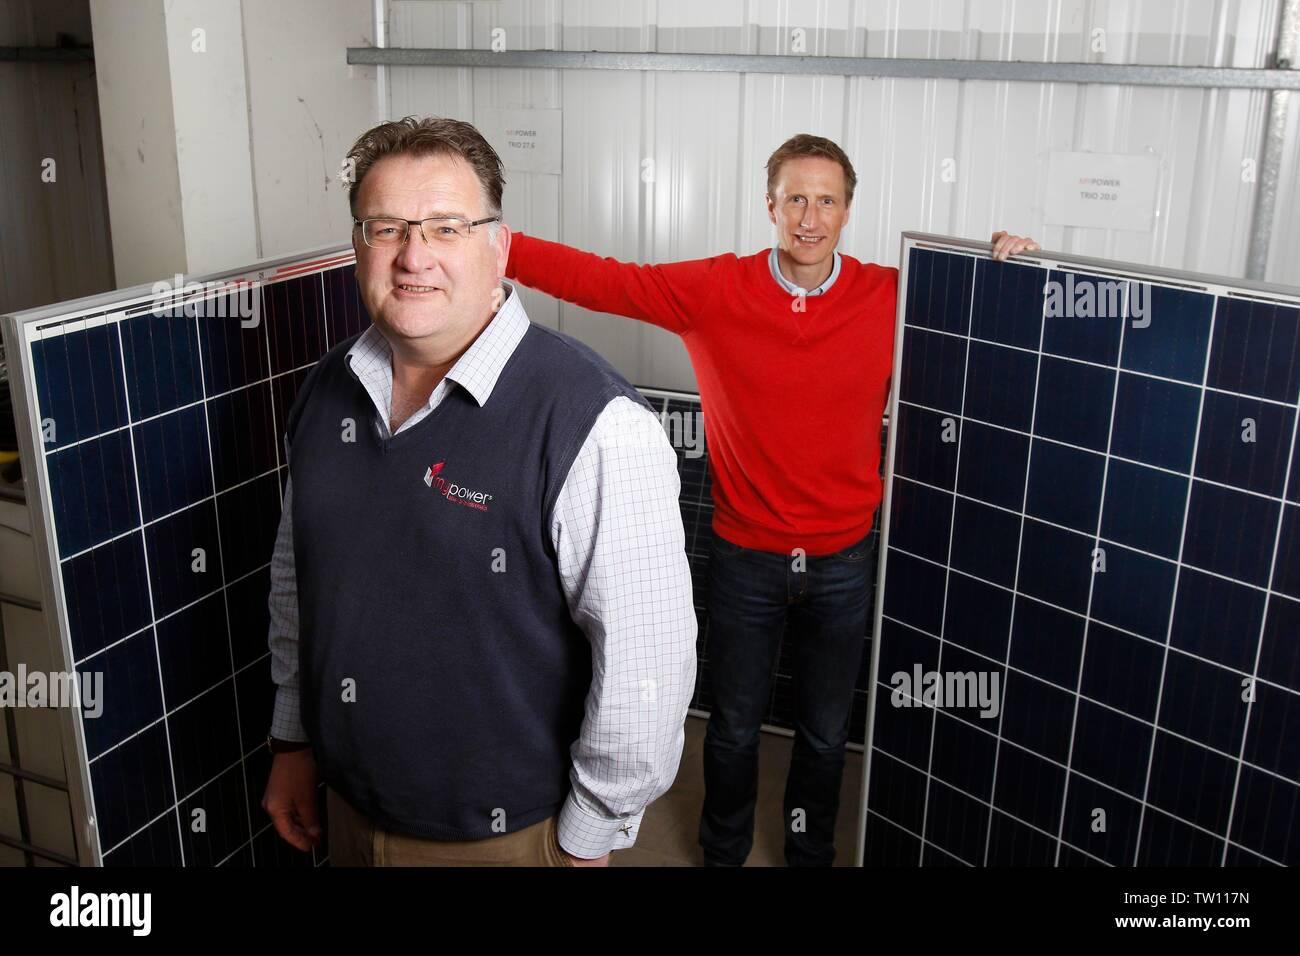 Ben Harrison, socio gerente de mypower, con Neil Stott, director de desarrollo de negocio, y dos paneles solares de tamaño completo, en el panel solar instalarun Imagen De Stock